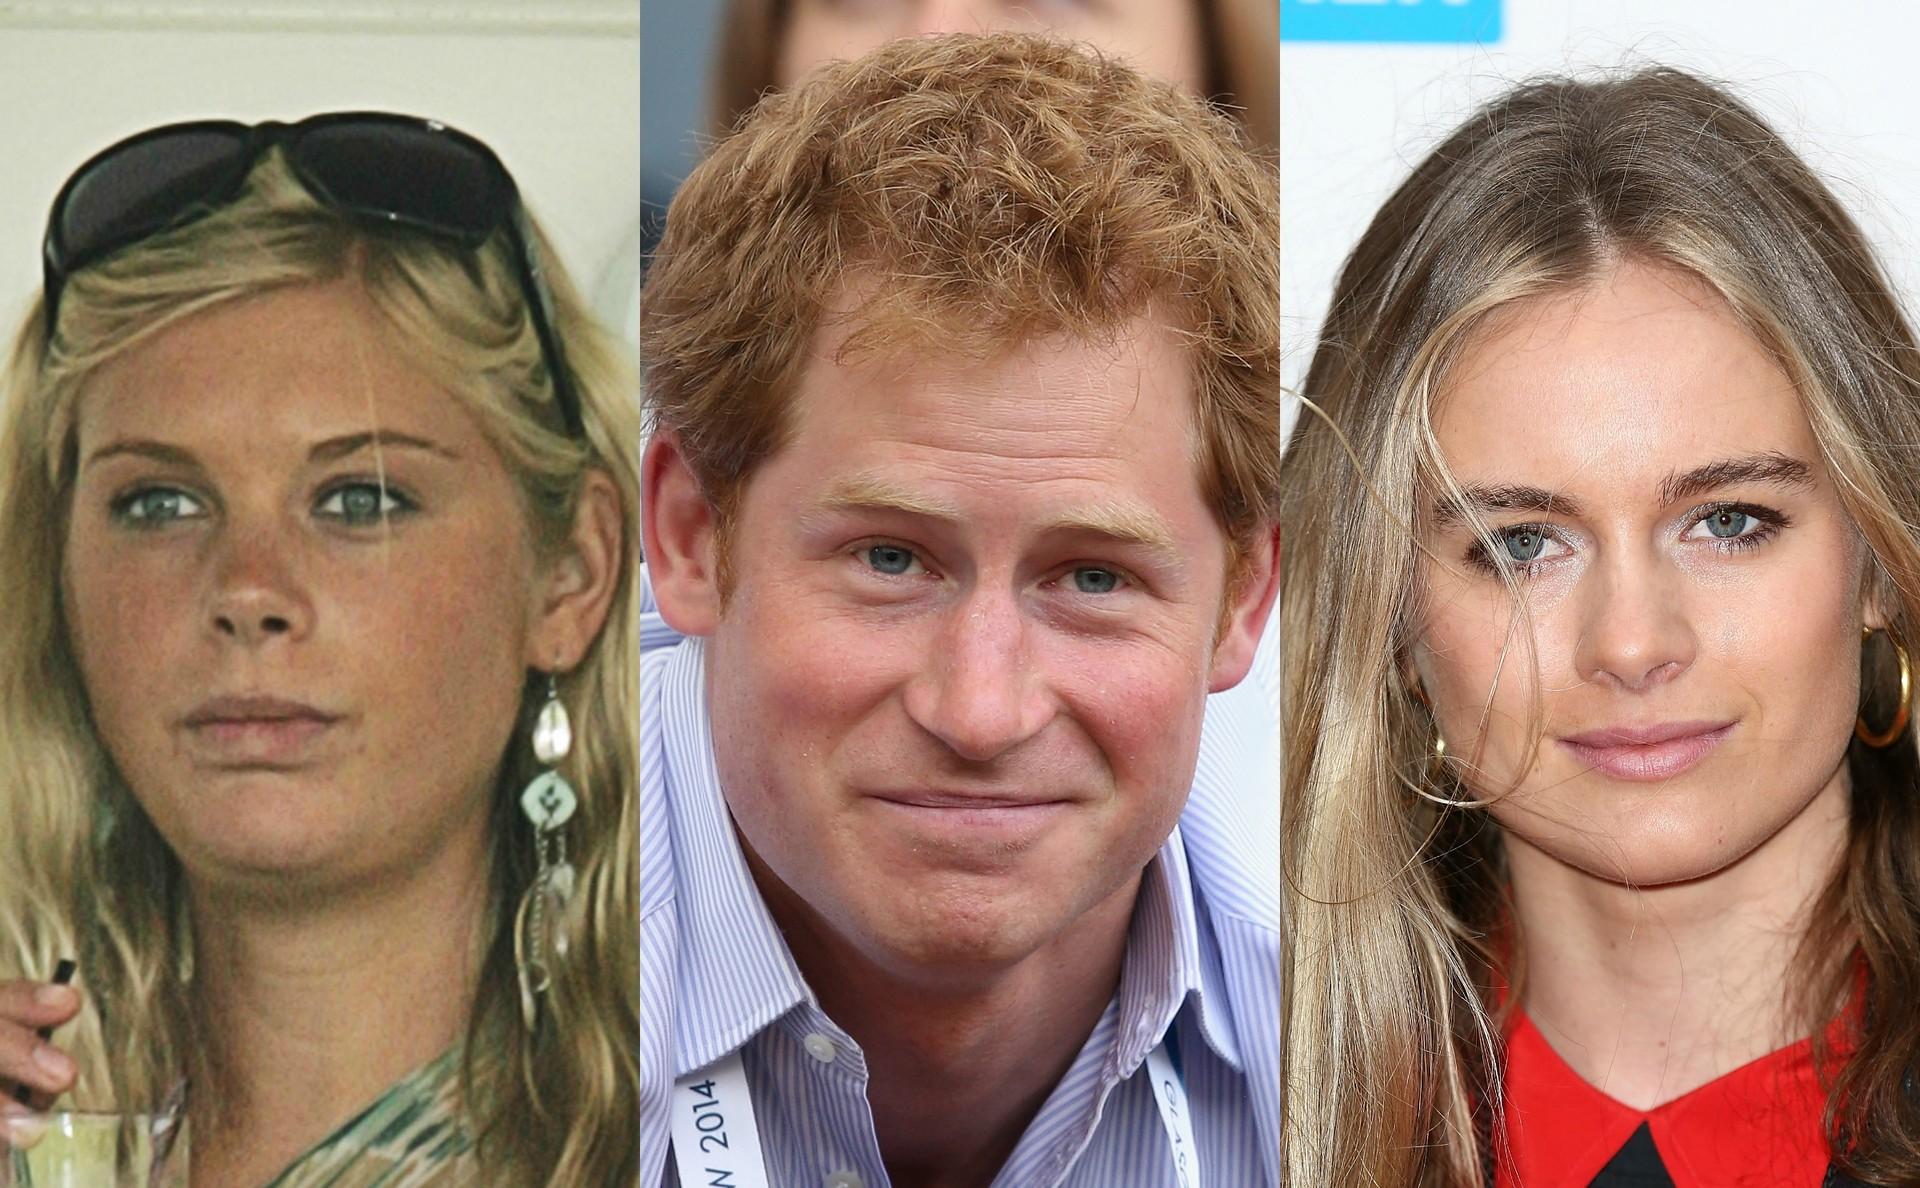 Entre 2004 e 2010, o príncipe Harry, do Reino Unido, namorou com a modelo do Zimbábue Chelsy Davy (à esq.). Logo em seguida, teve um relacionamento com uma quase cópia dela, chamada Cressida Bonas. (Foto: Getty Images)